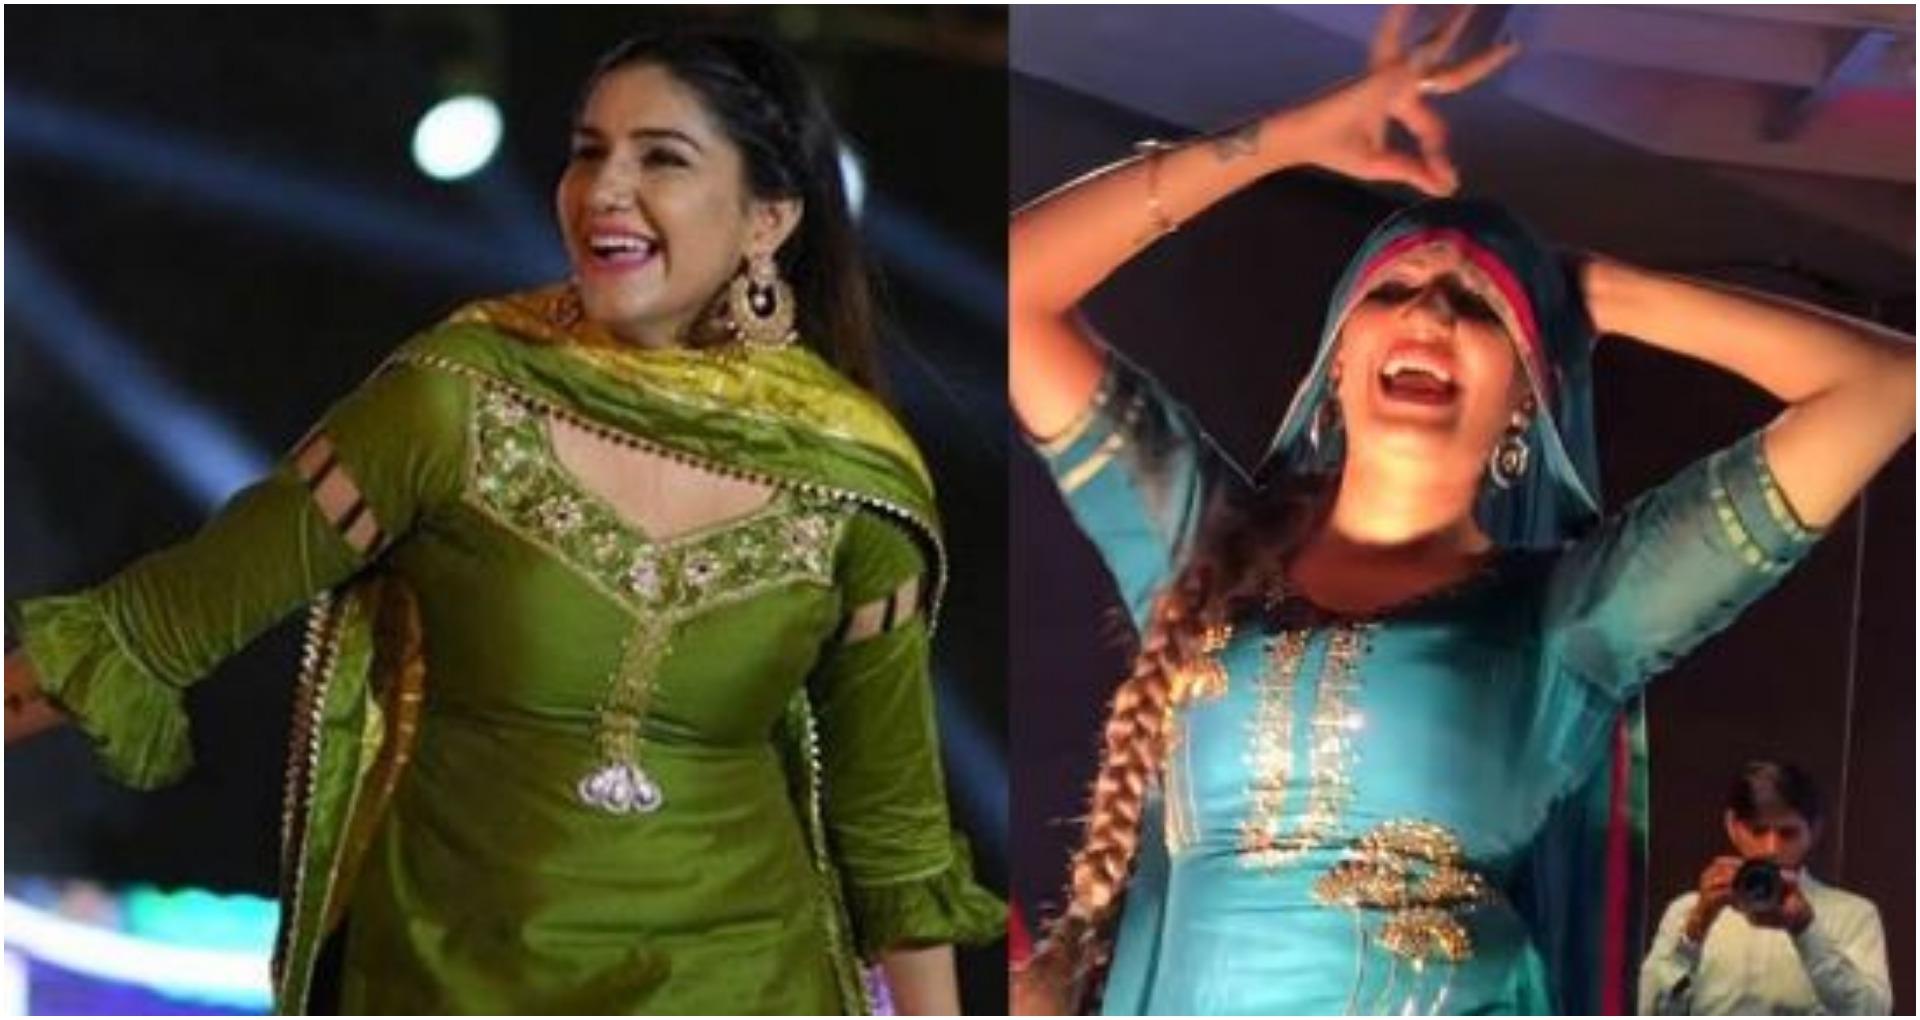 Sapna Choudhary Song: सपना चौधरी ने 'सैयांजी दिलवा मांगेले' गाने पर किया शानदार डांस, देखें वीडियो